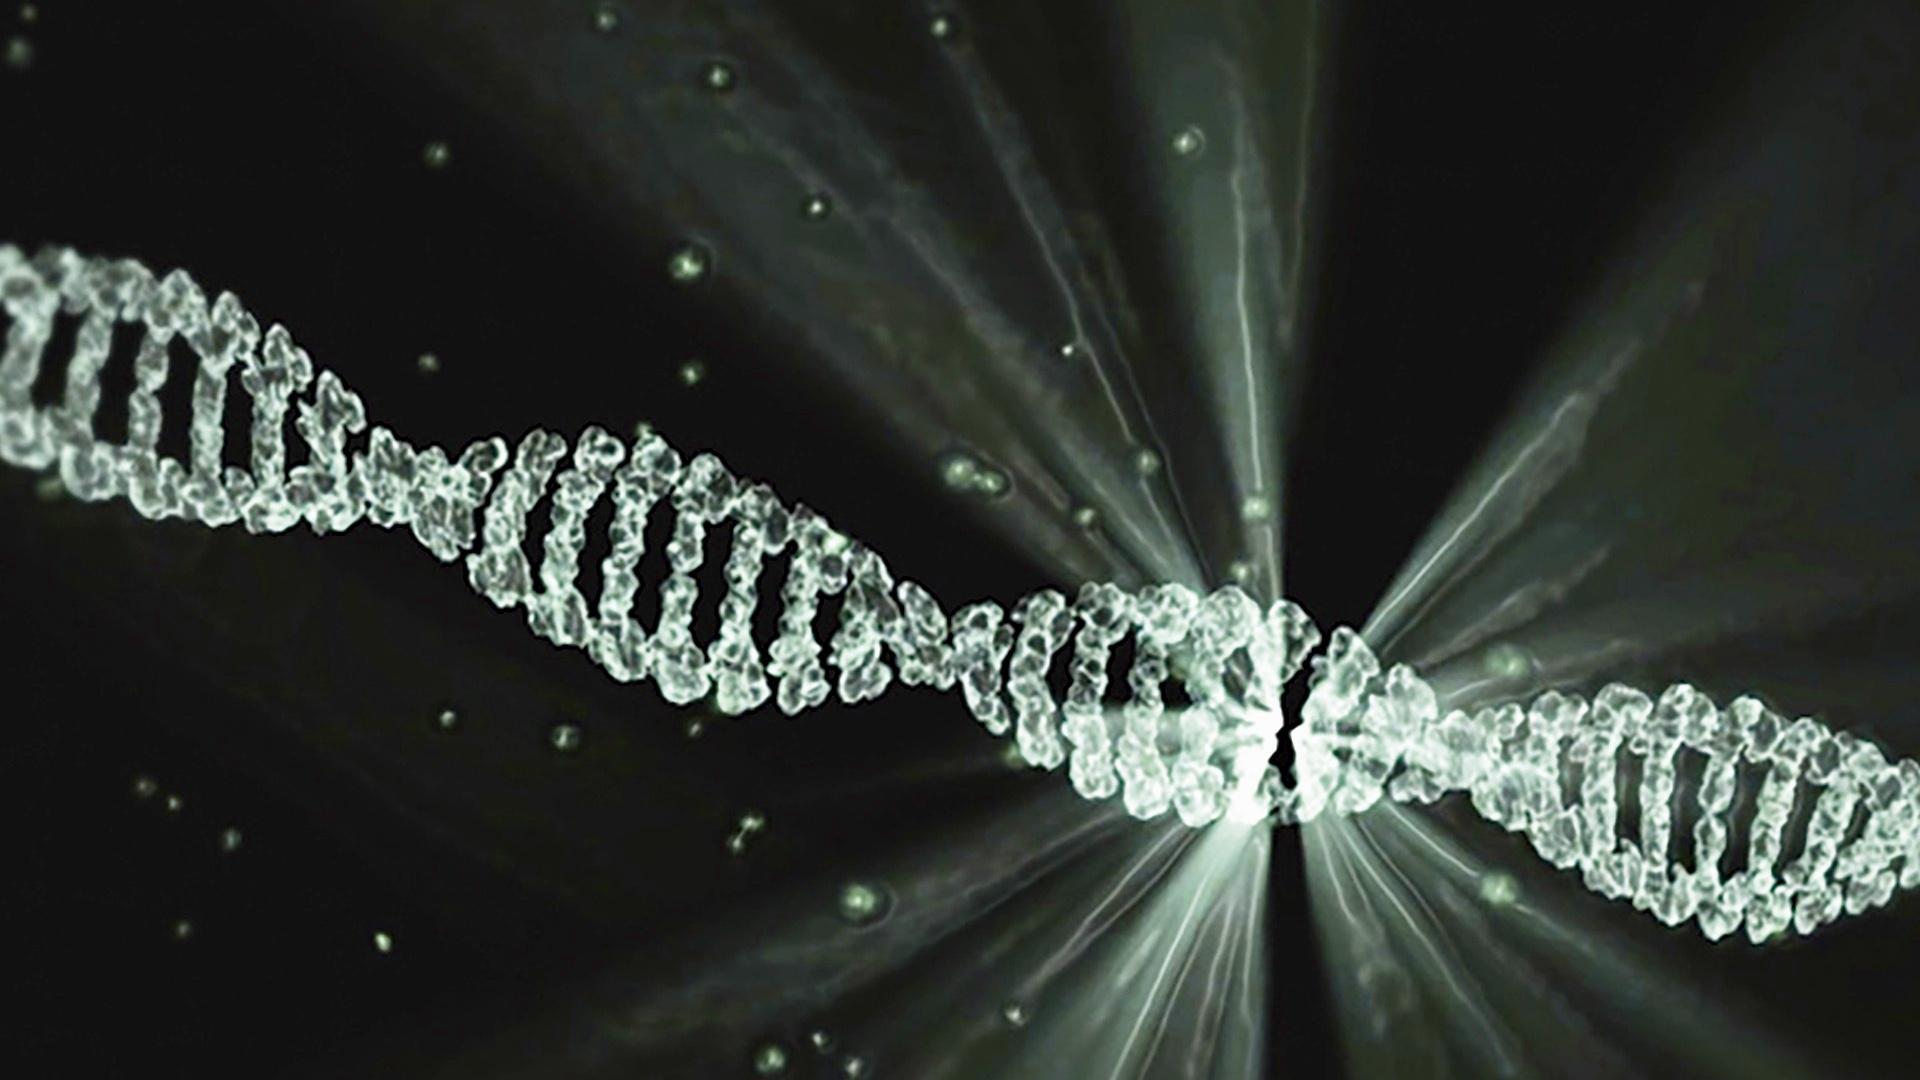 epigenetyka-czy-dieta-mozna-zmienic-geny